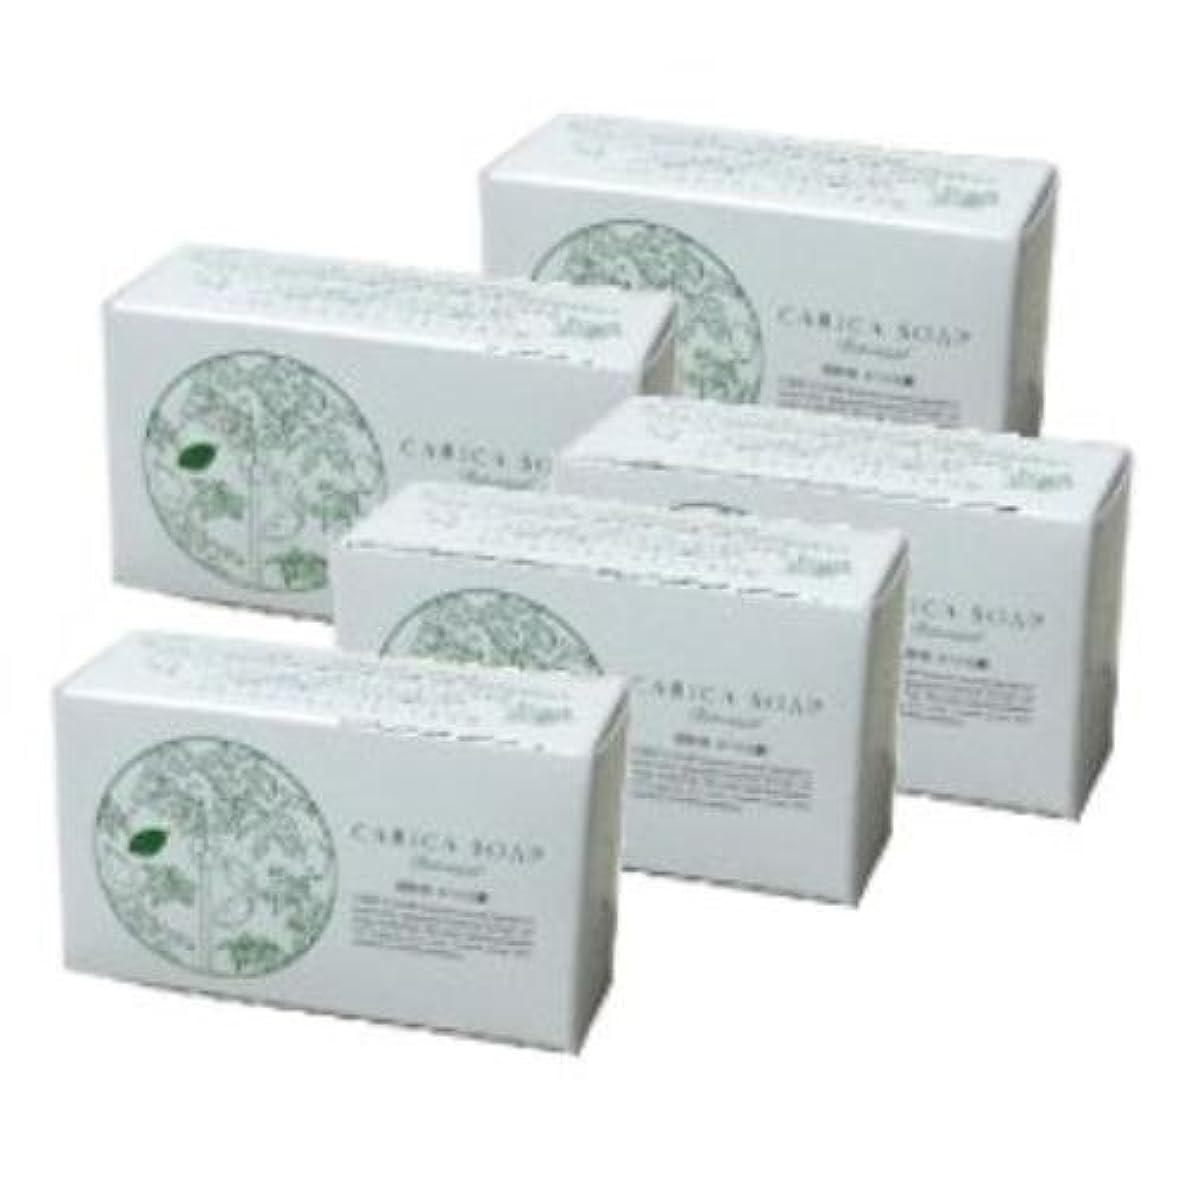 抑制学期打撃植物性カリカ石鹸 100g 5個セット